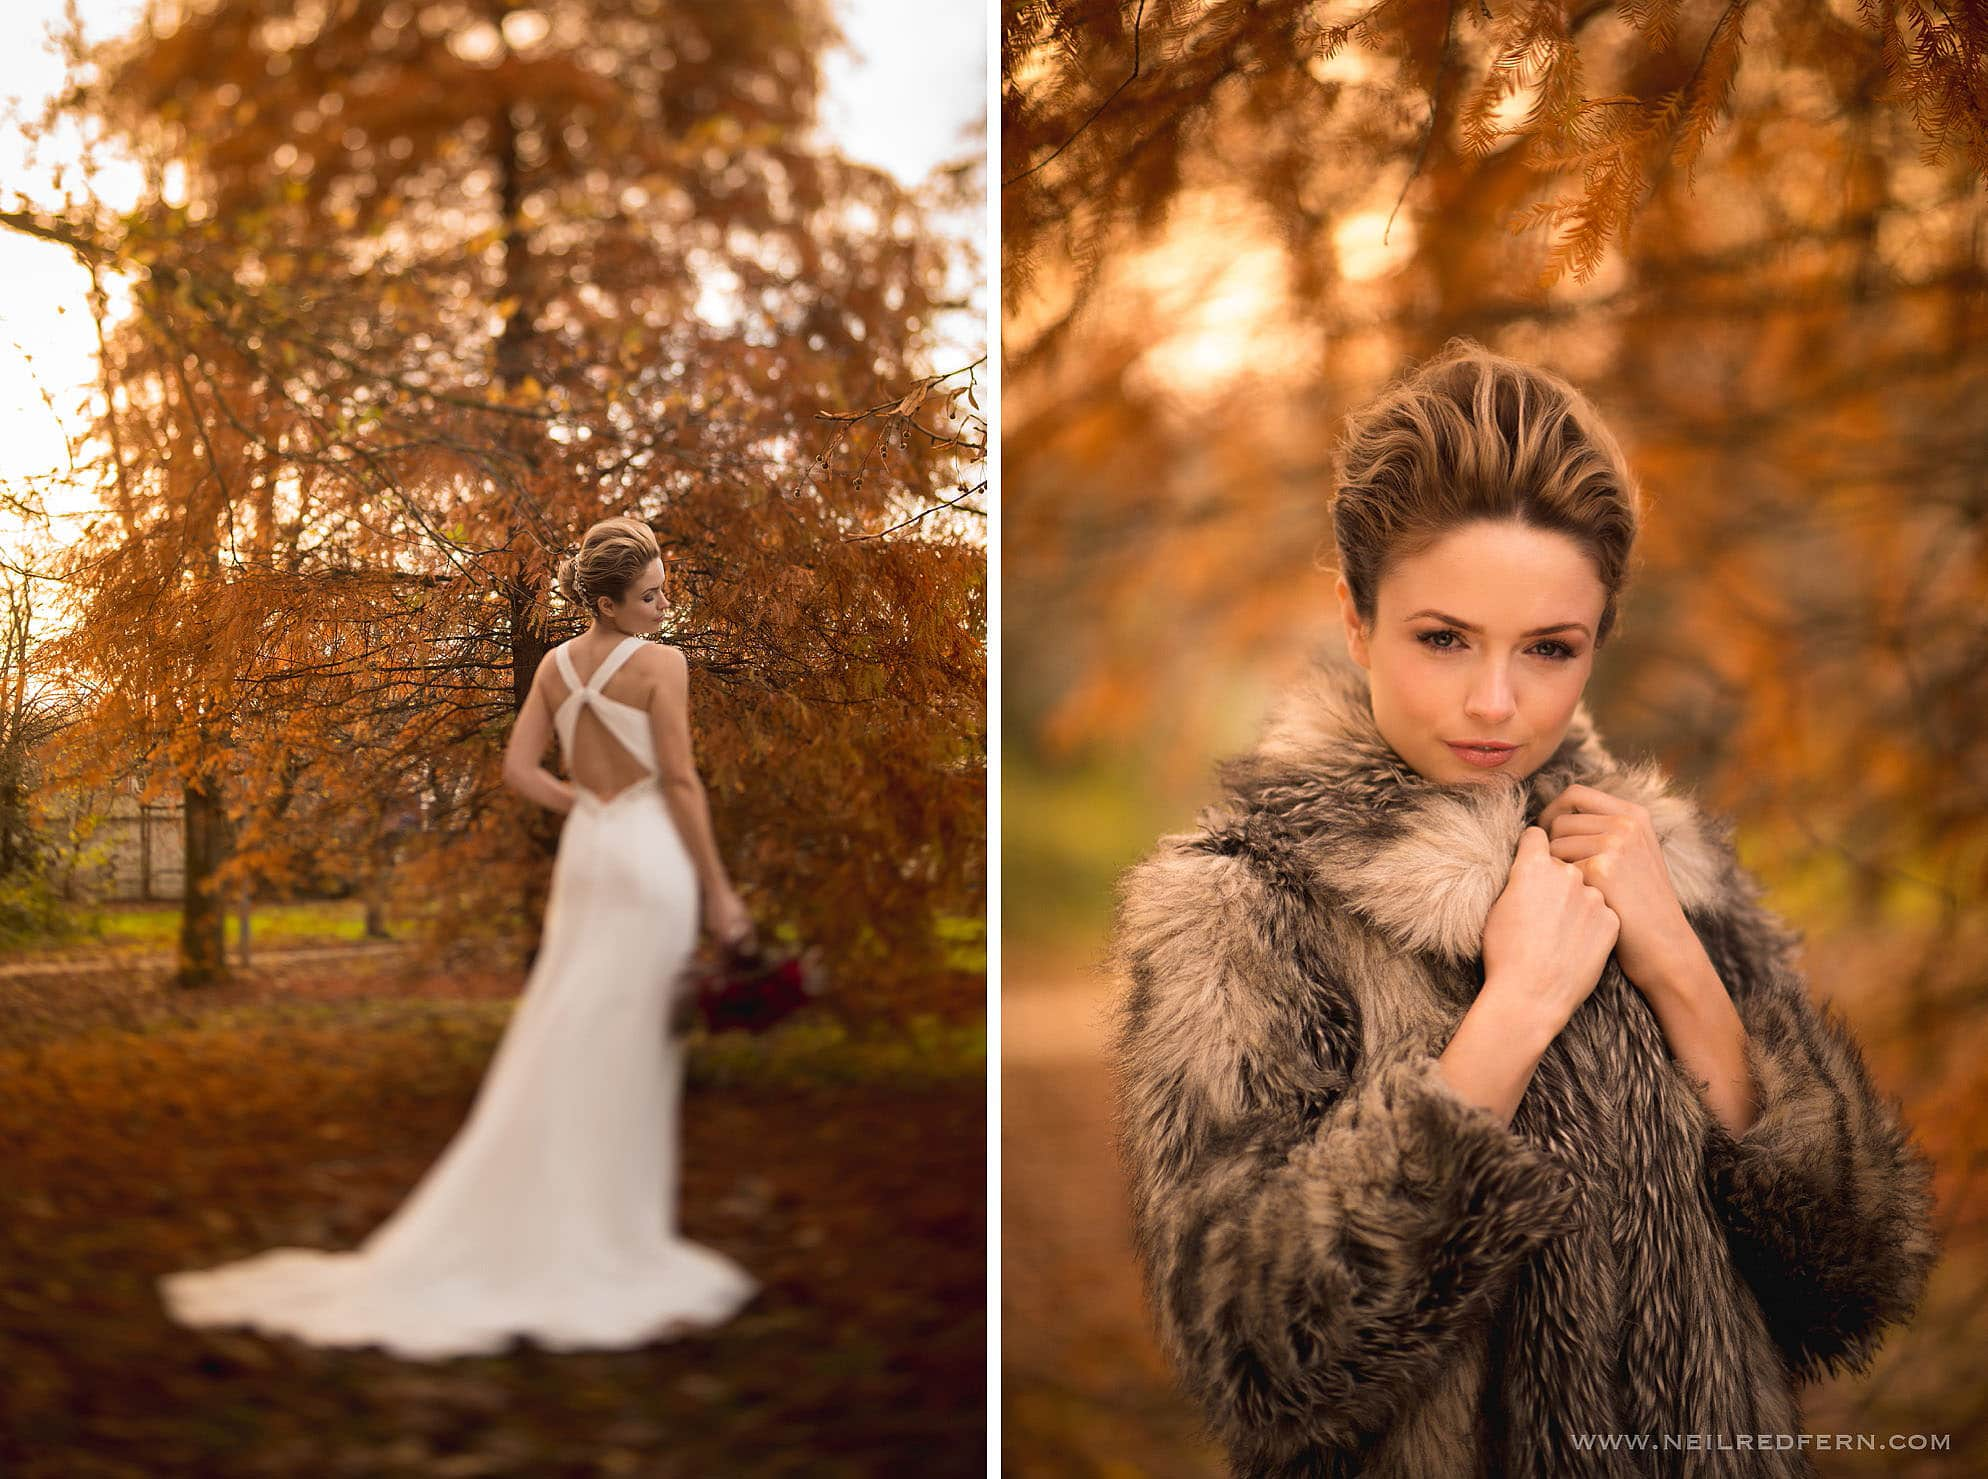 Bride portrait photographs at Belle Epoque 06